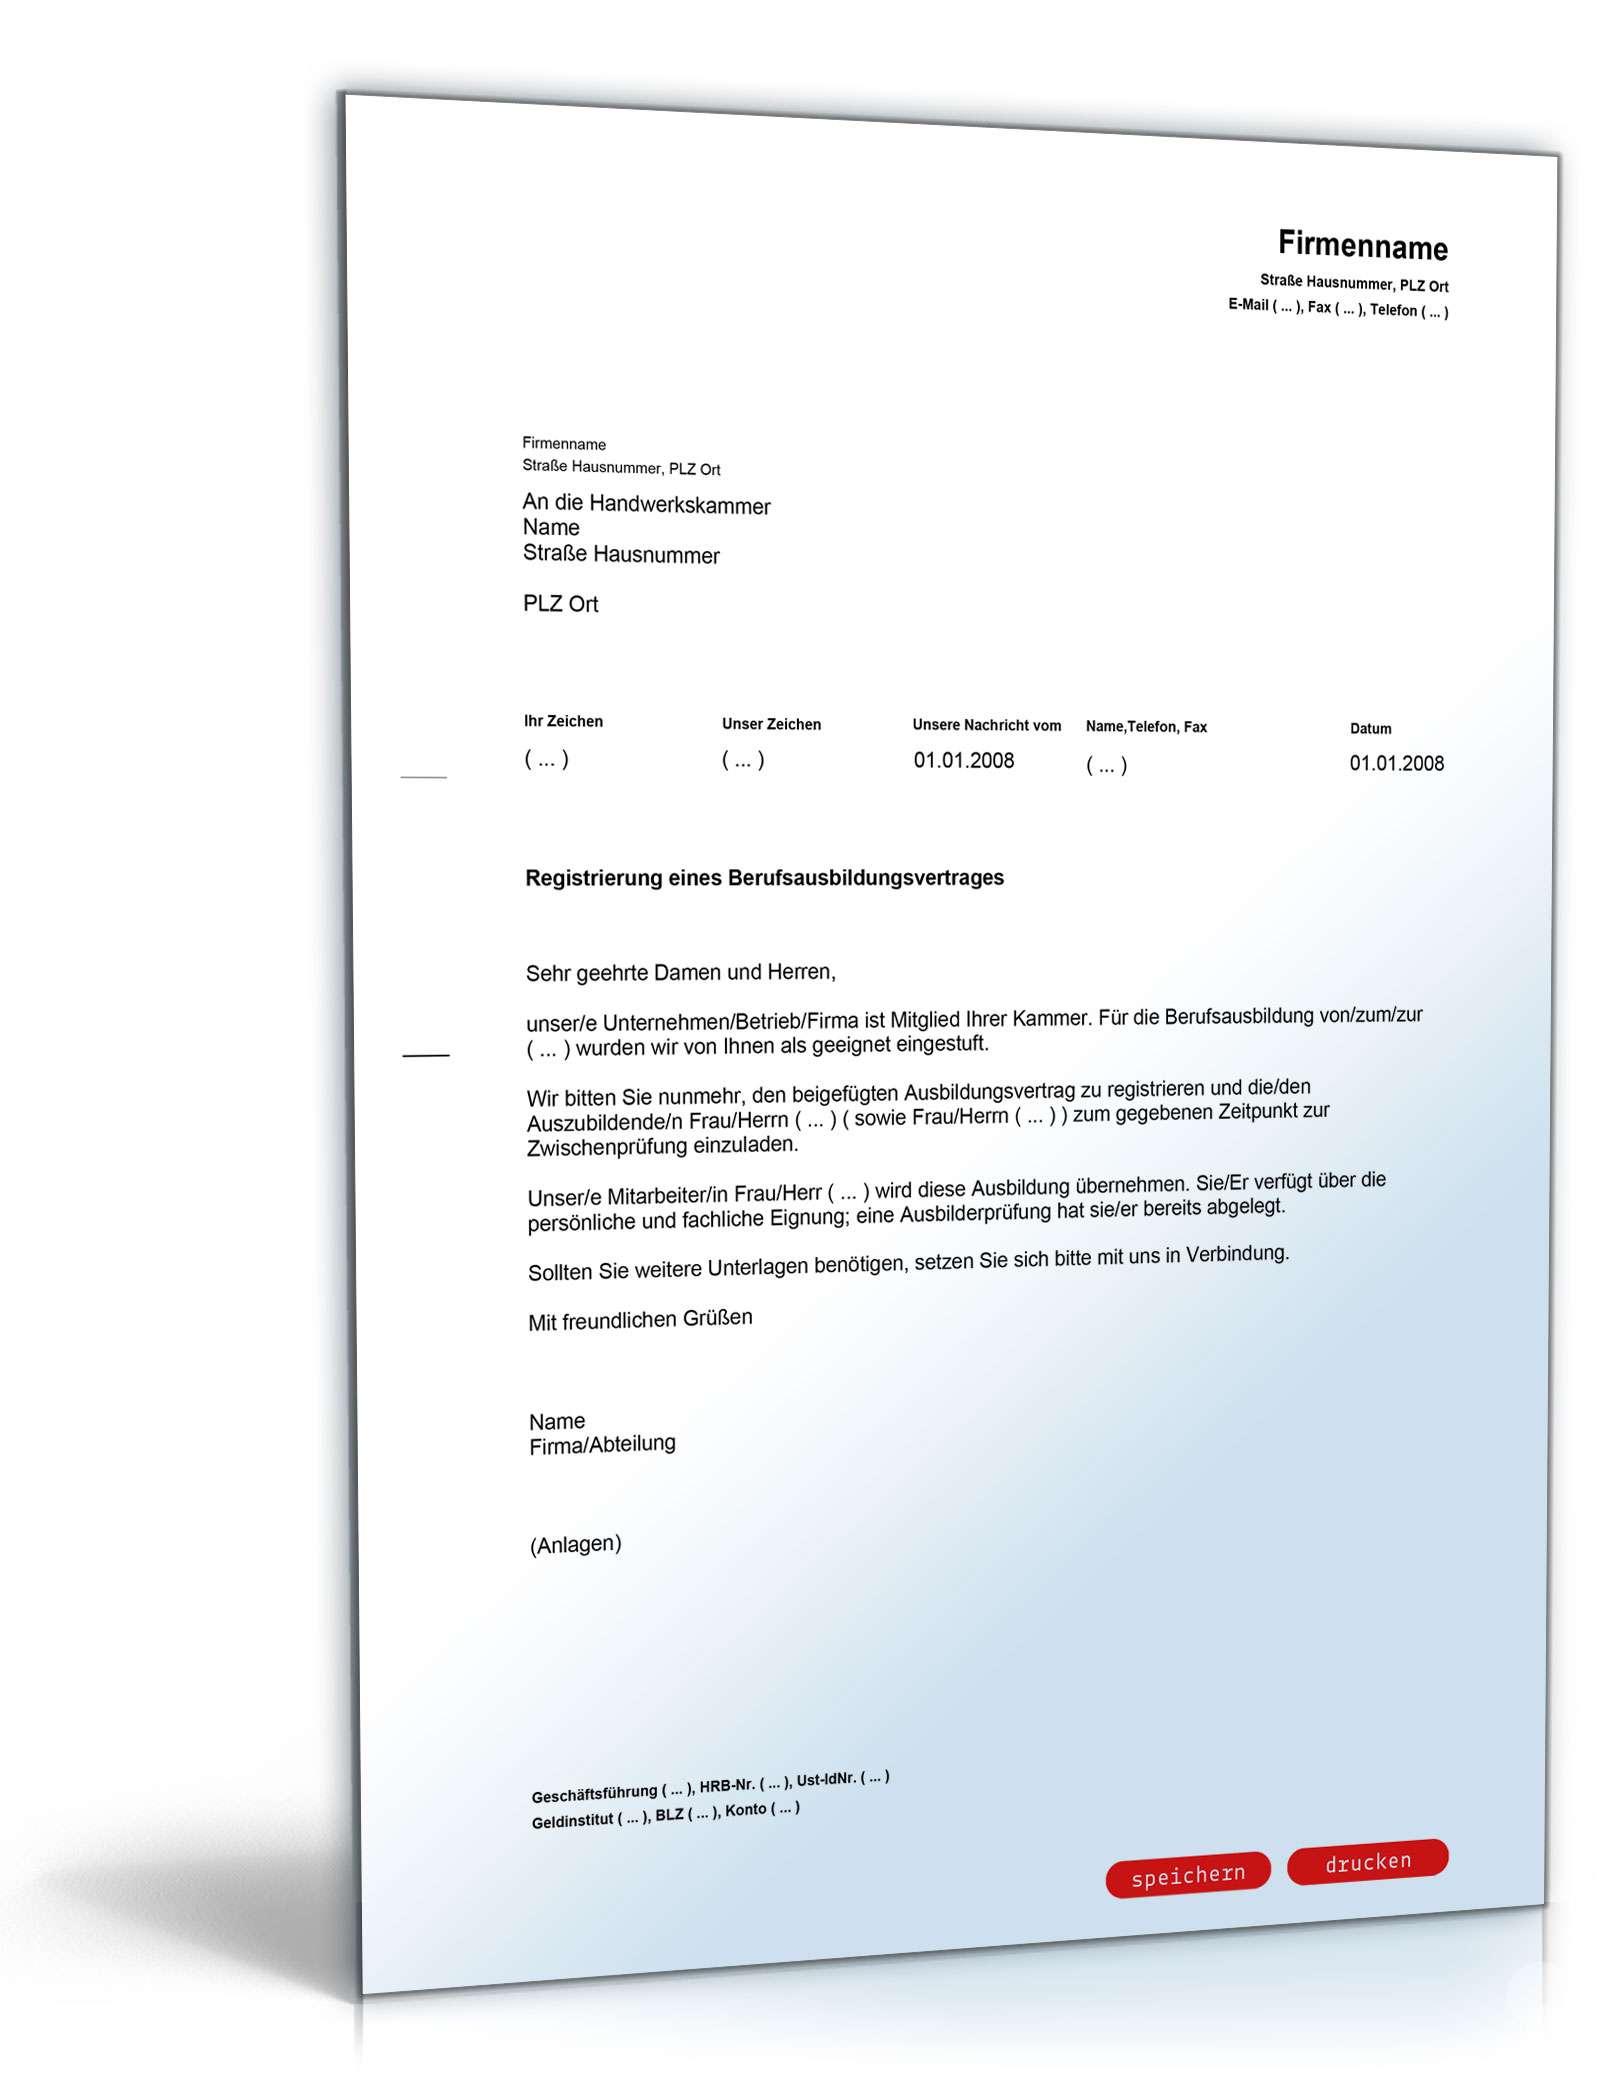 Anmeldung Berufsausbildungsvertrag Muster Zum Download